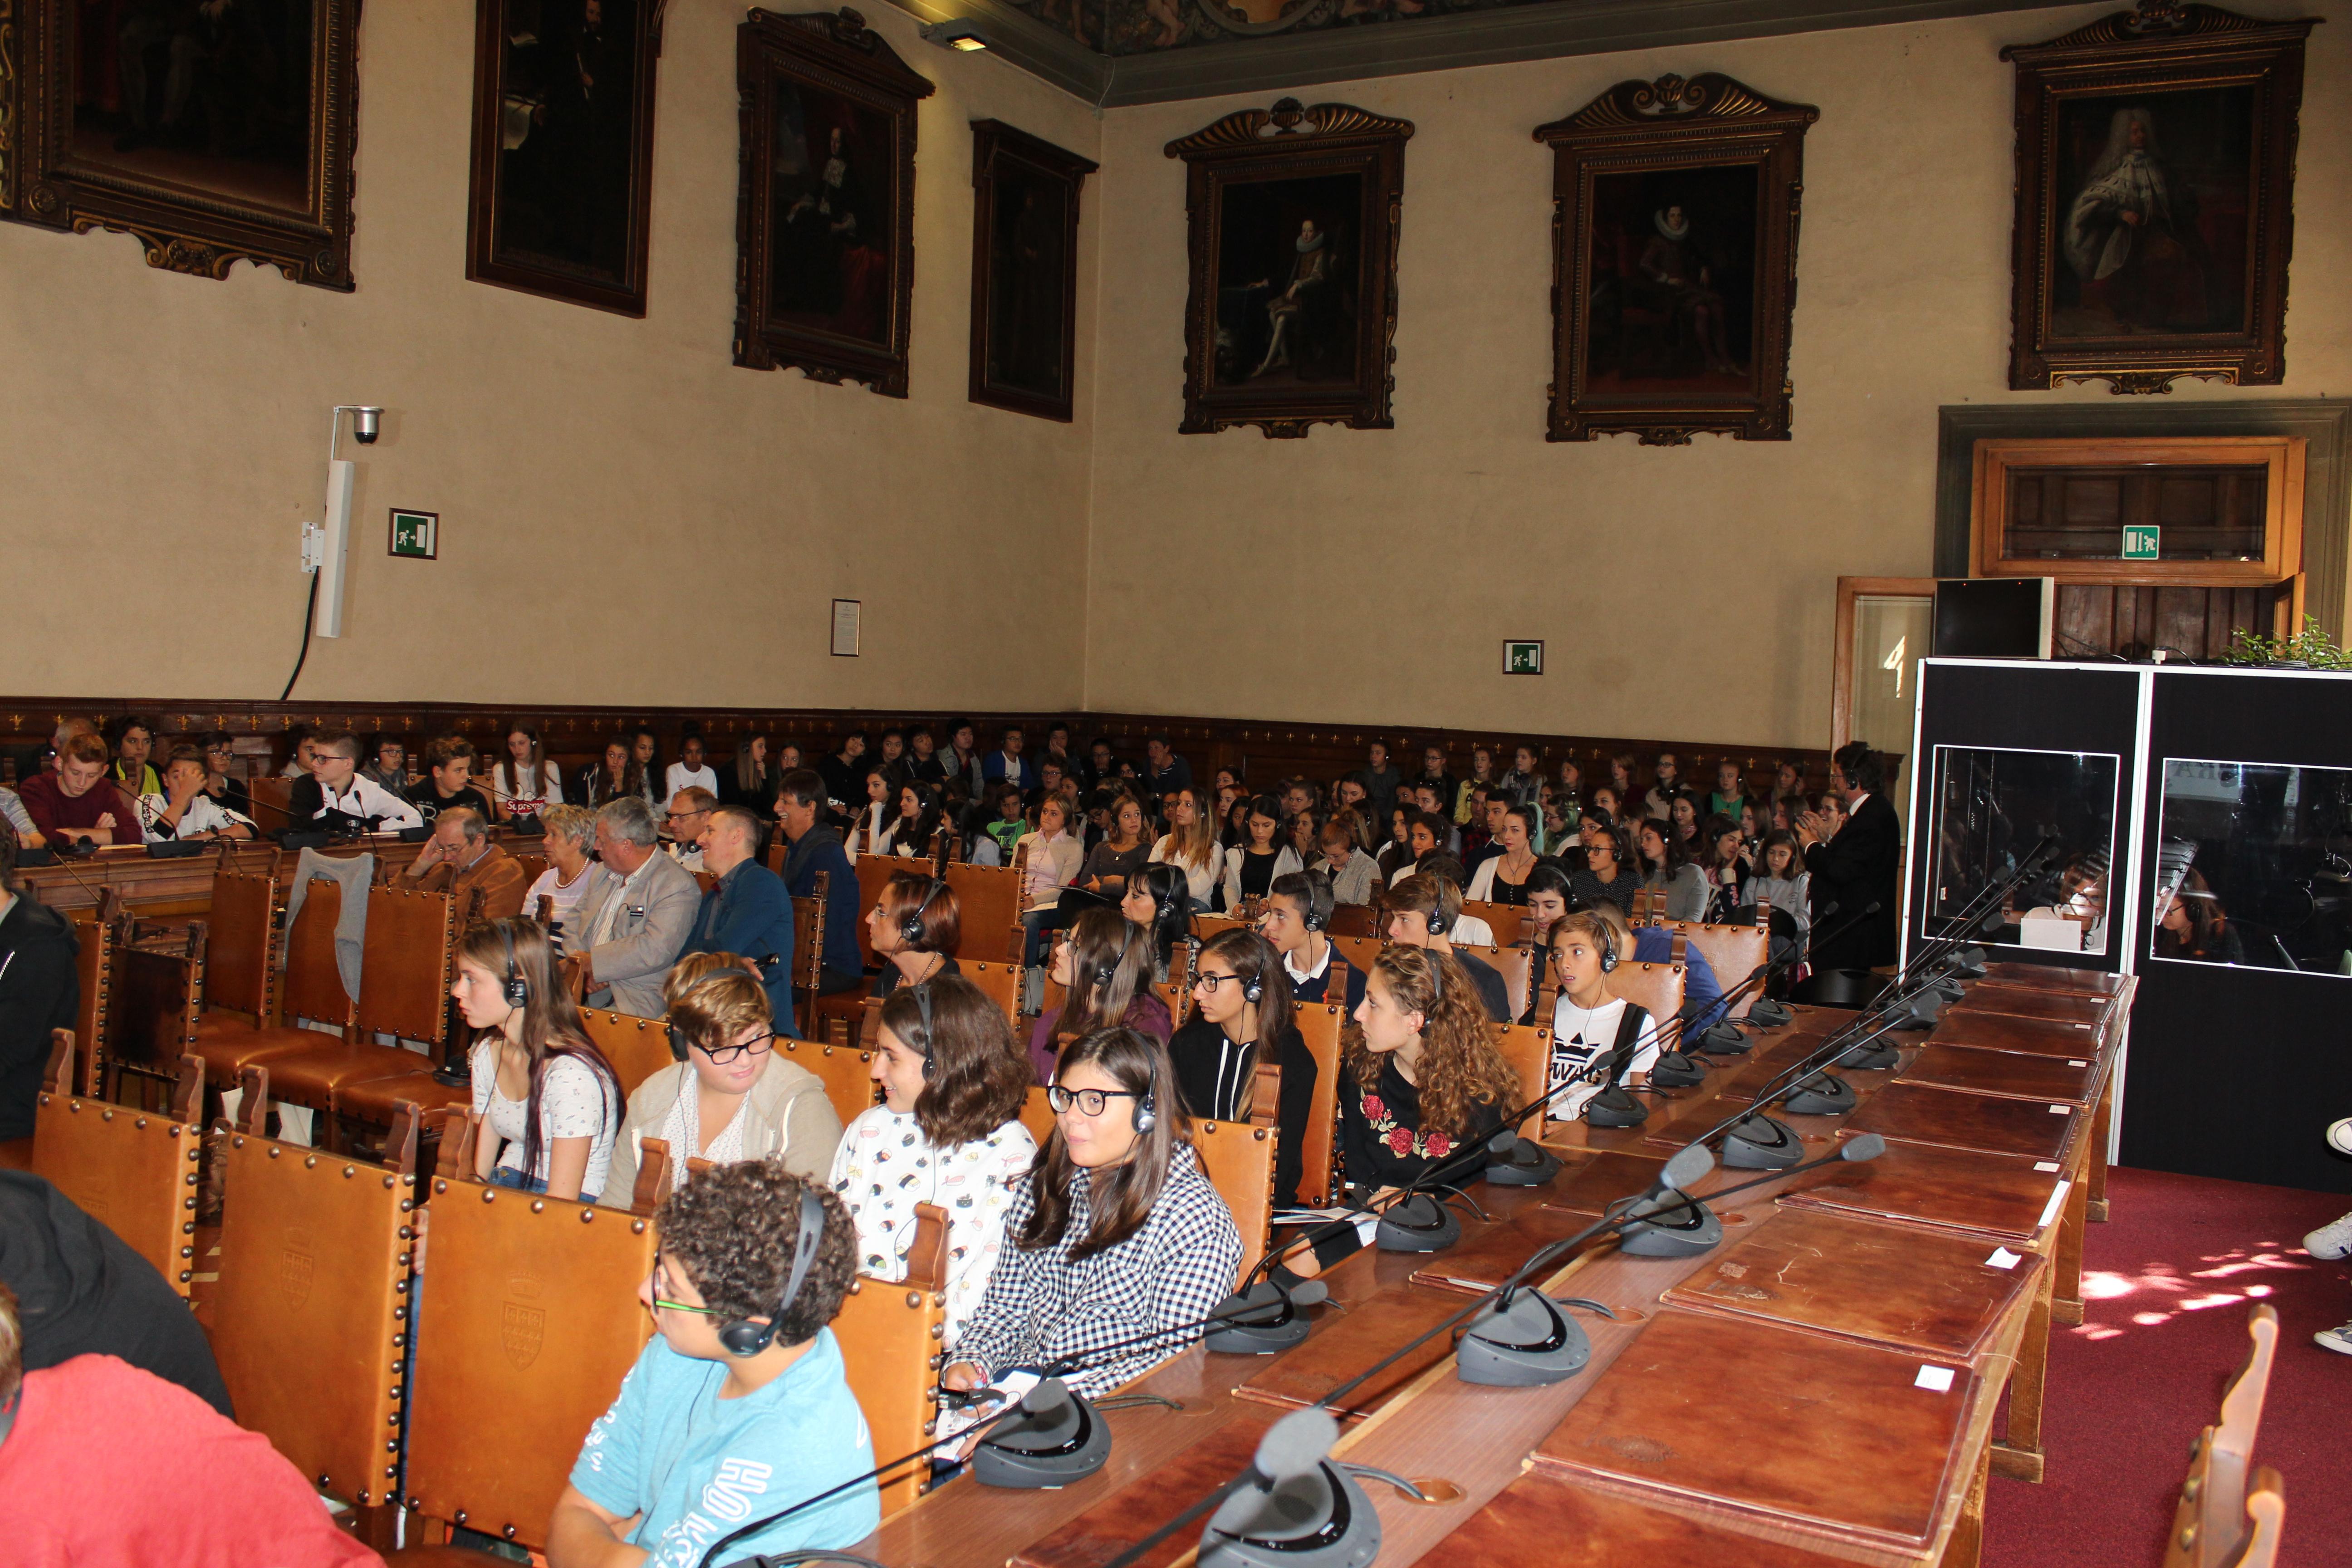 <p>Gli studenti delle scuole di Prato e Ebensee che hanno partecipato all'incontro pubblico: